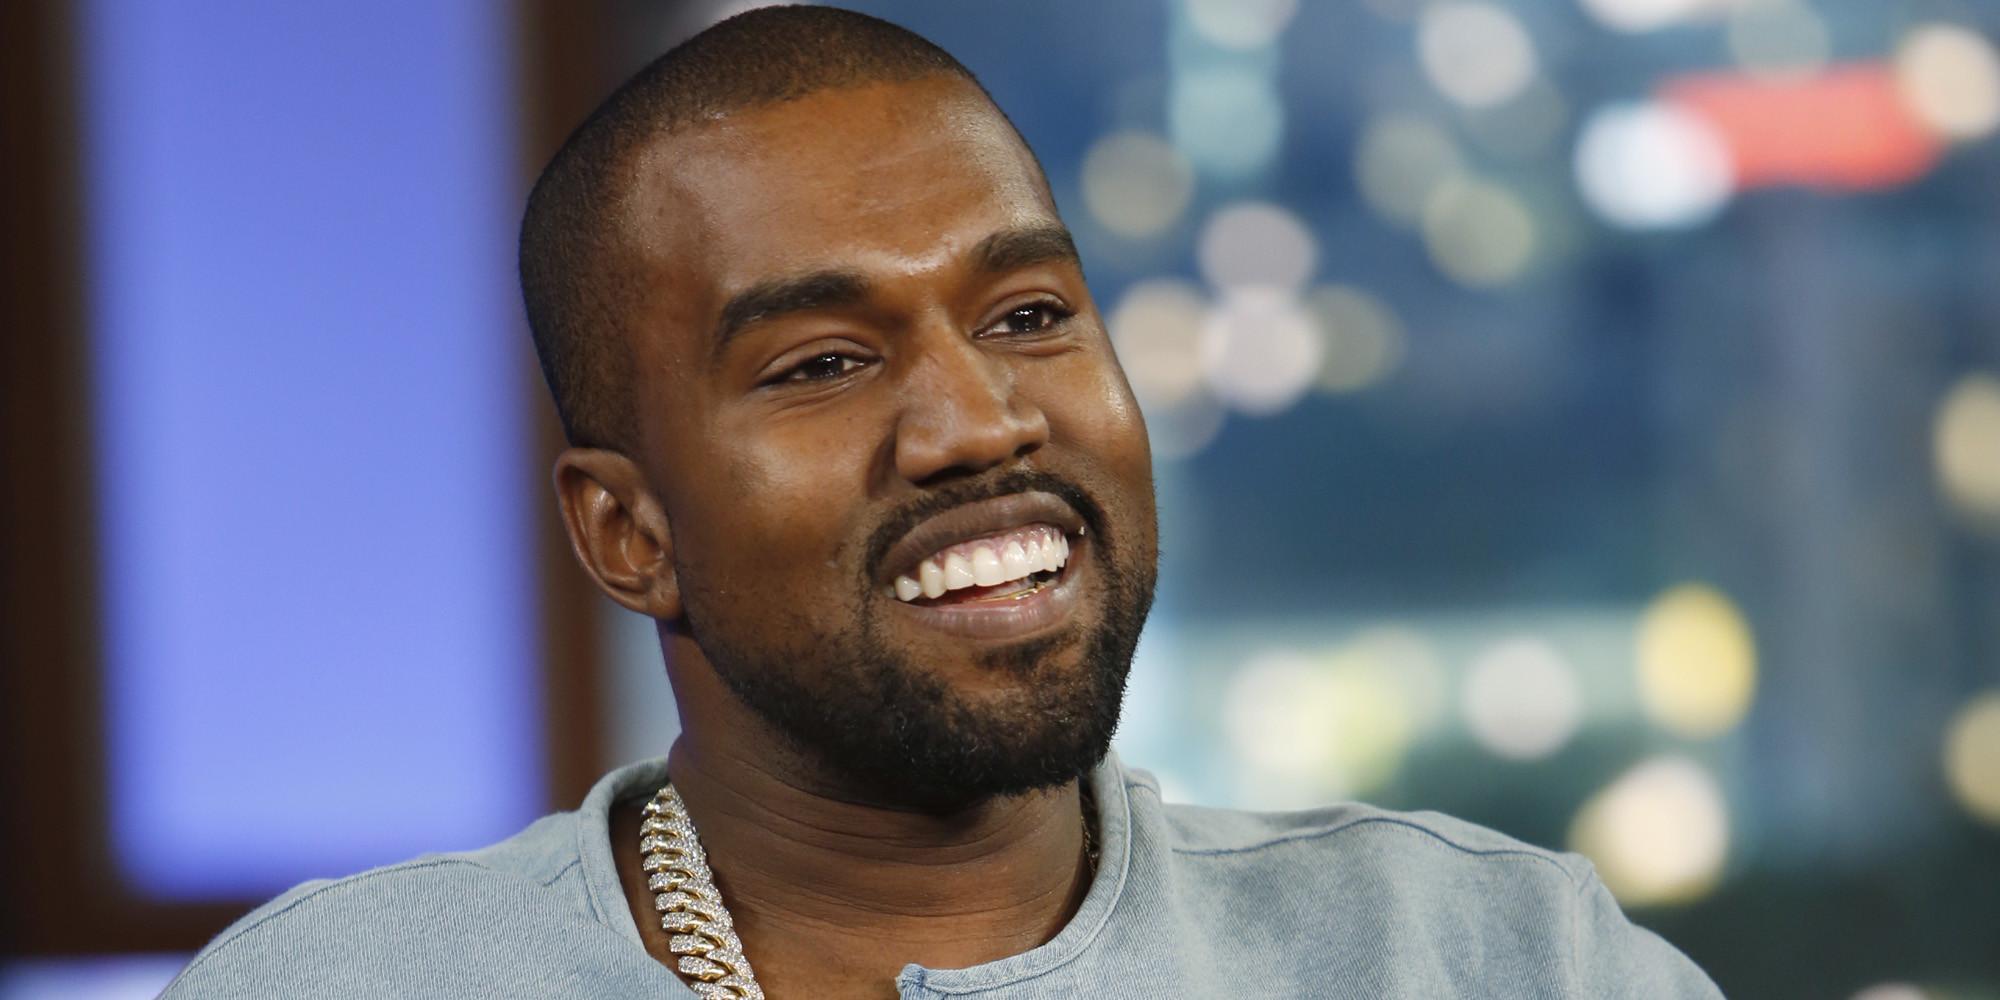 Kanye West celebrity slice